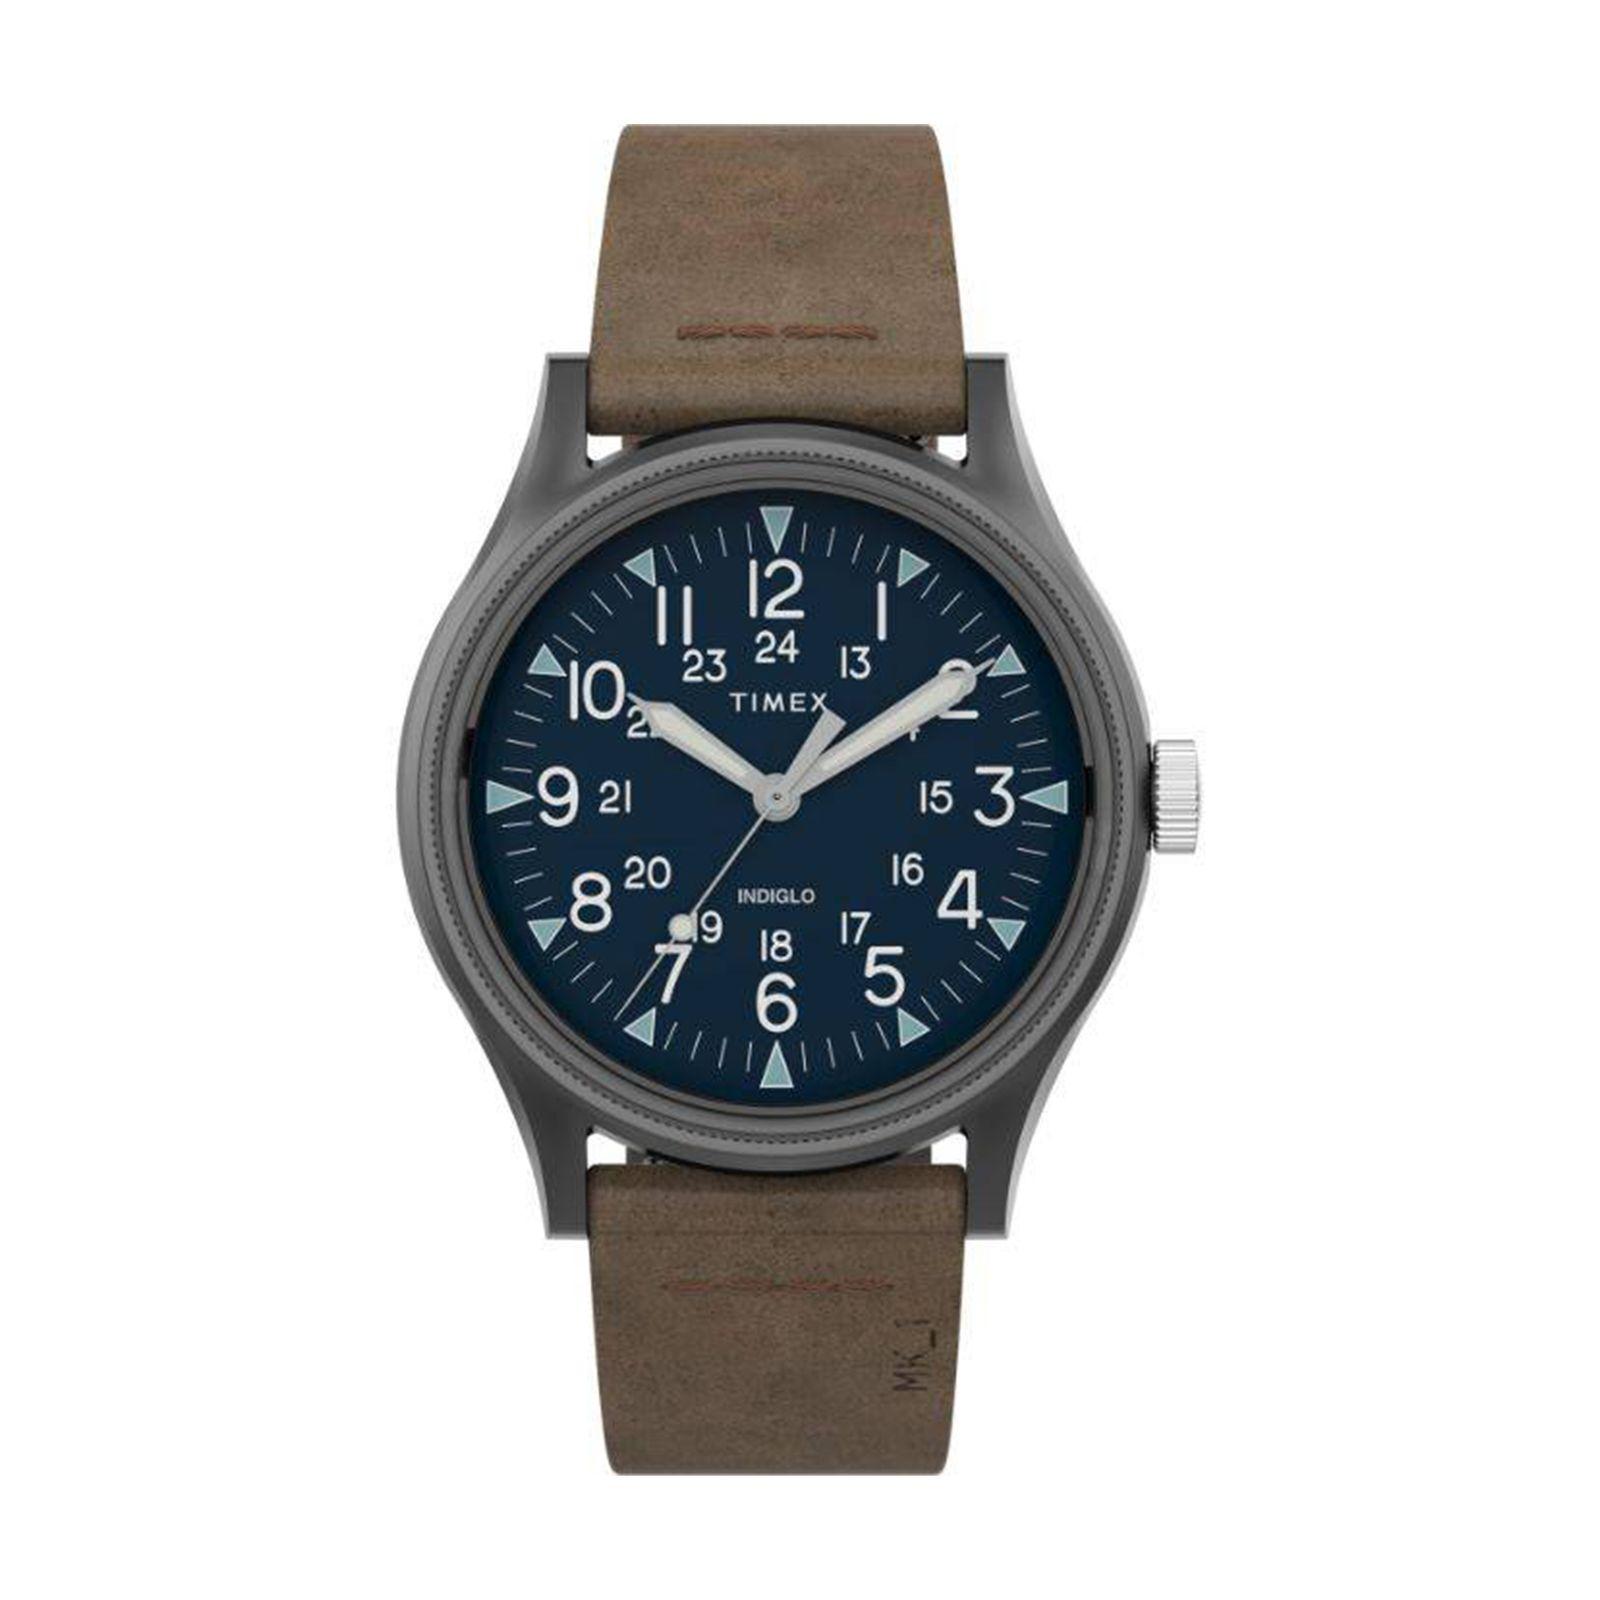 ساعت مچی عقربه ای مردانه تایمکس مدل TW2T68200 -  - 1